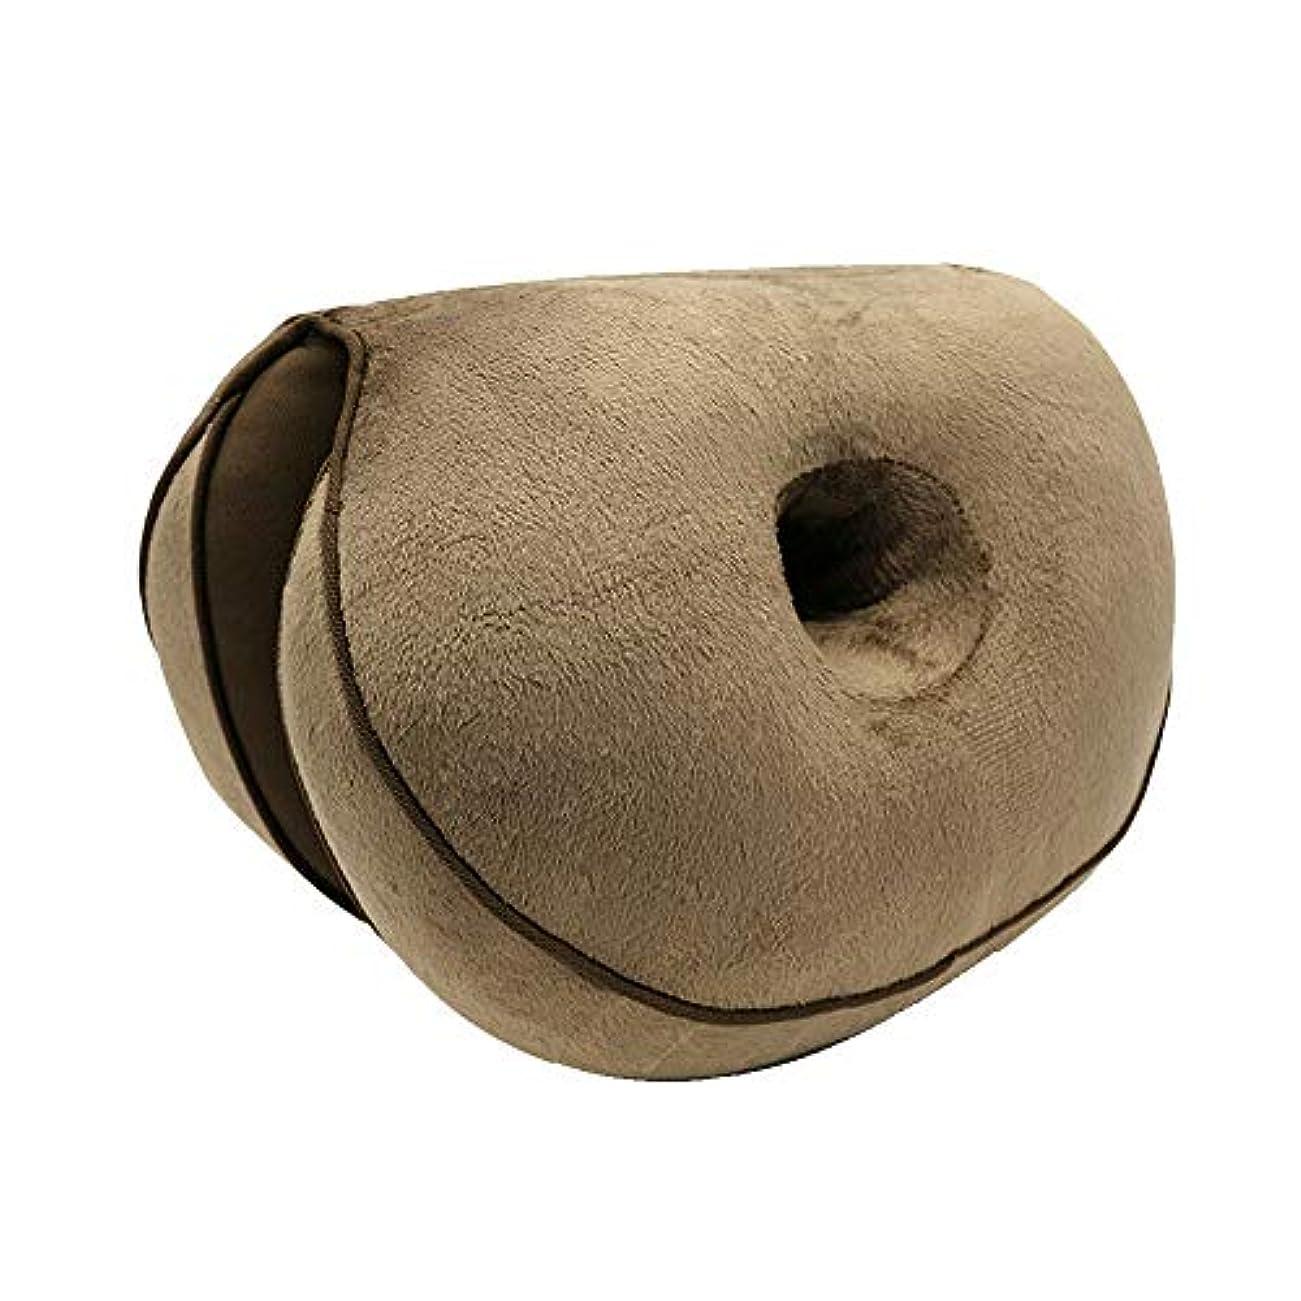 驚き省略自分を引き上げるLIFE2019 新デュアルシートクッション低反発ラテックスオフィスチェアバックシートクッション快適な臀部マットパッド枕旅行枕女性女の子クッション 椅子